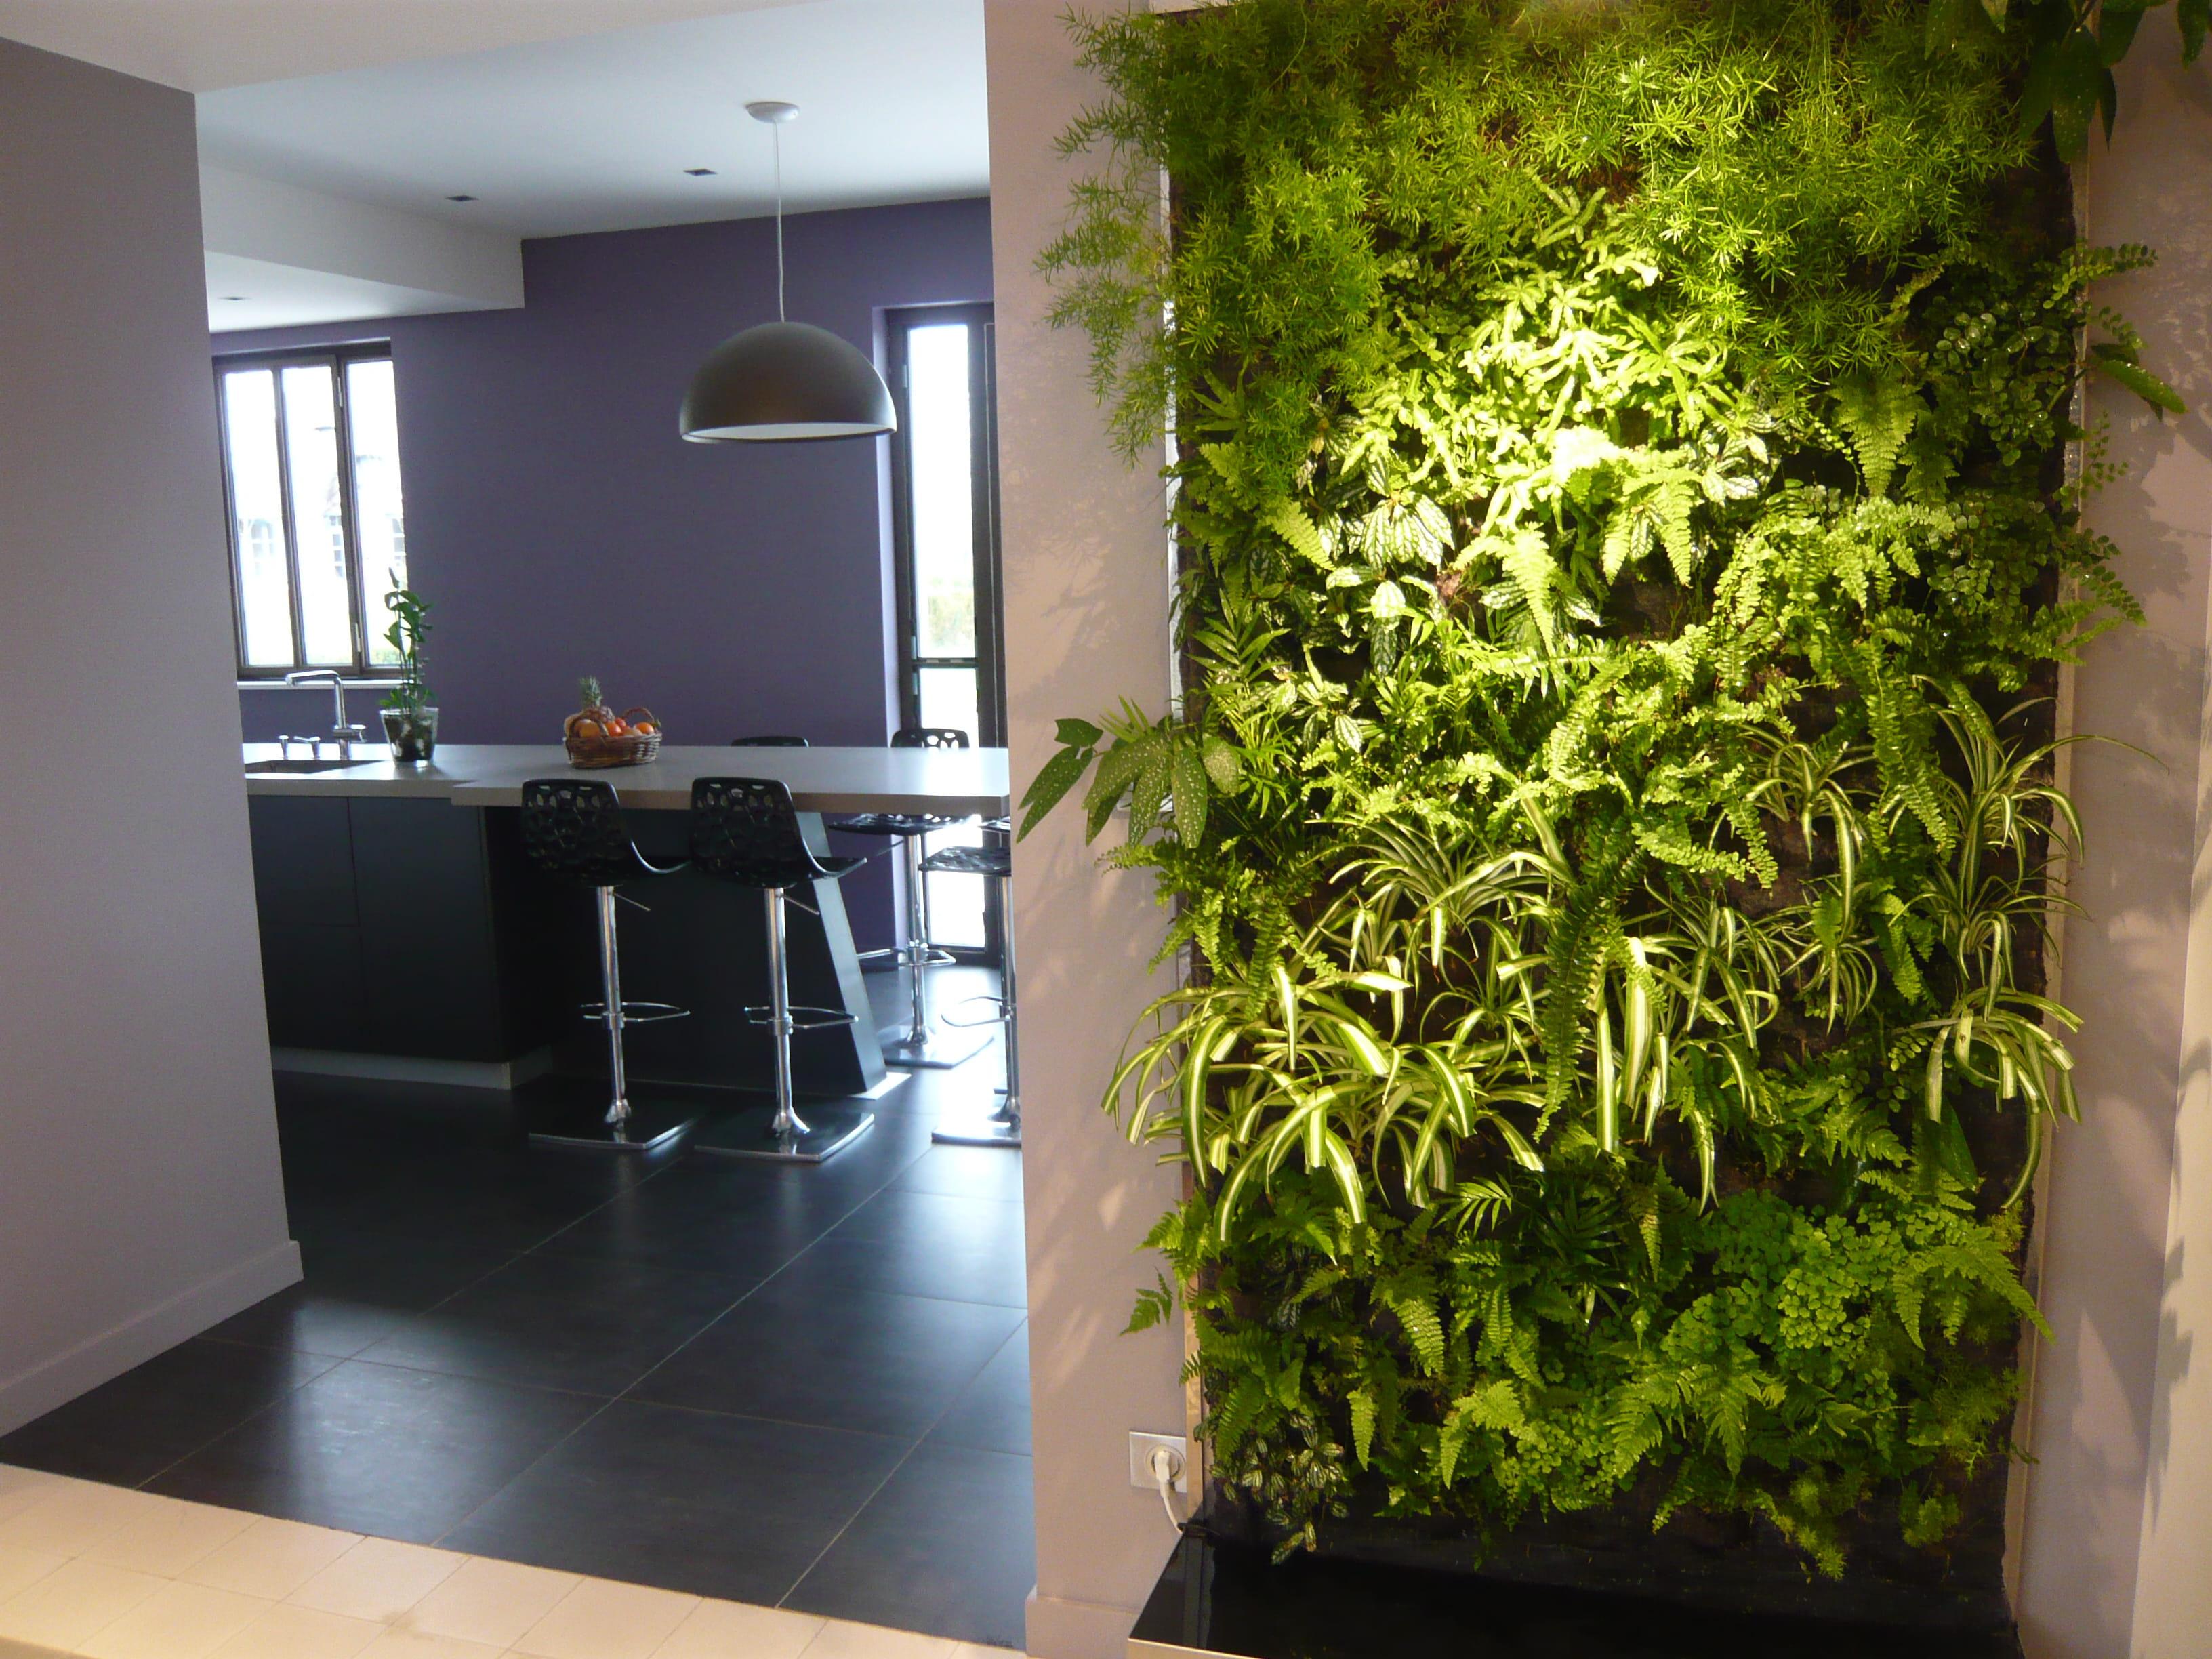 Peut on installer un mur v g tal partout - Mur vegetal d interieur ...